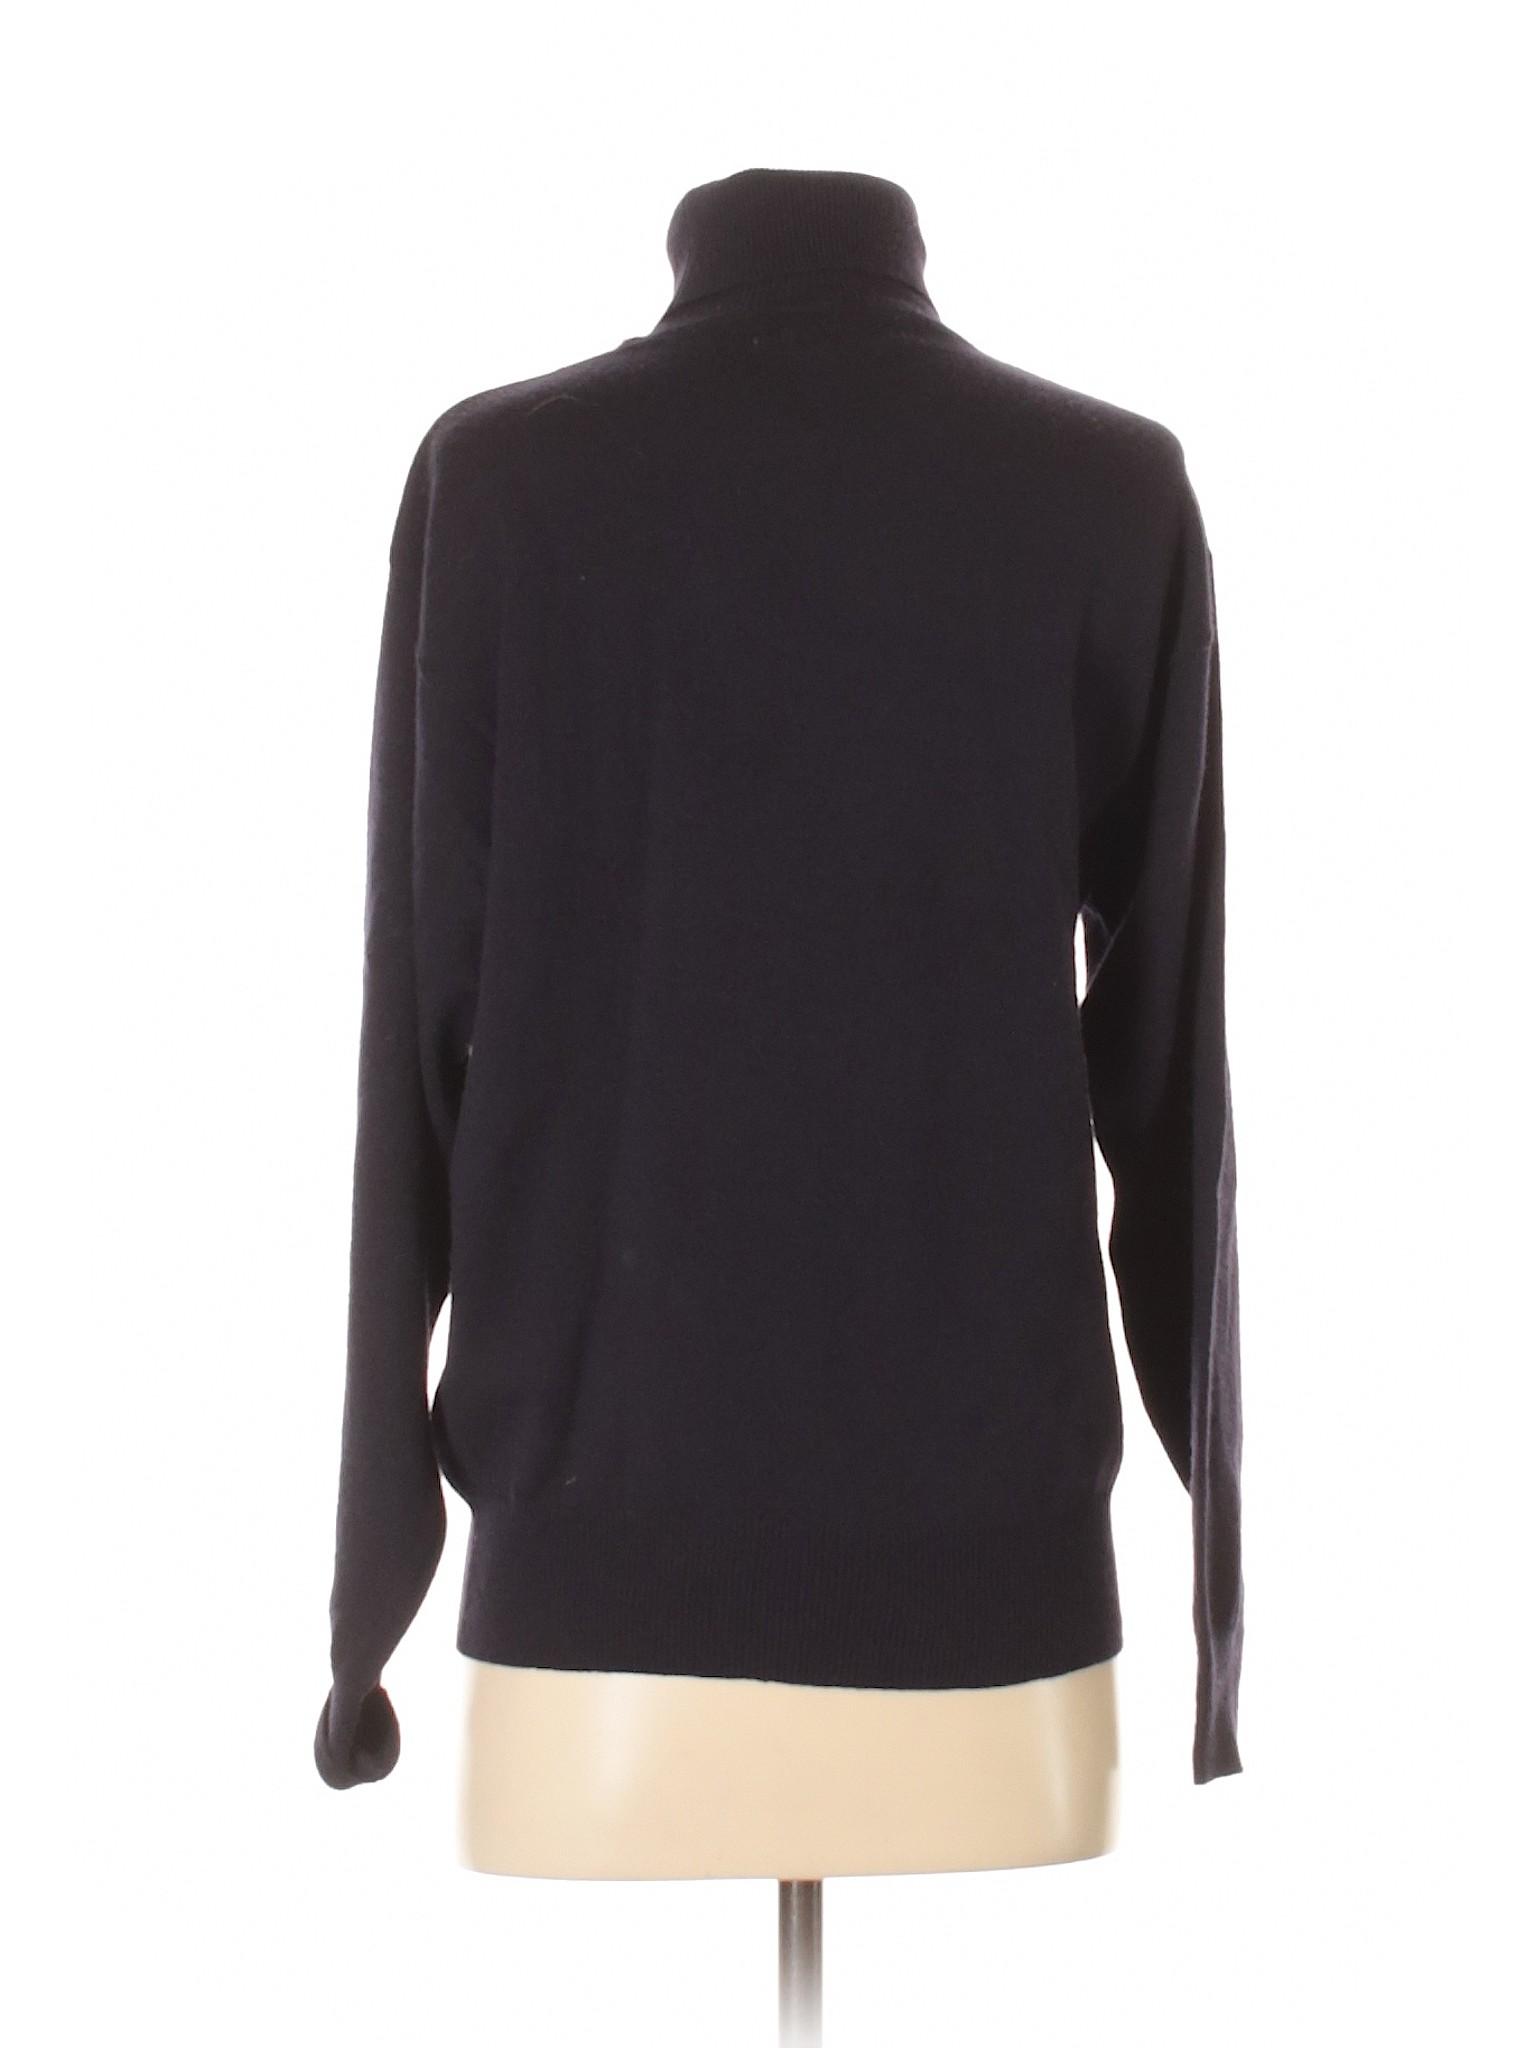 York New Boutique Jones Sweater Turtleneck winter wZWxTqnxz